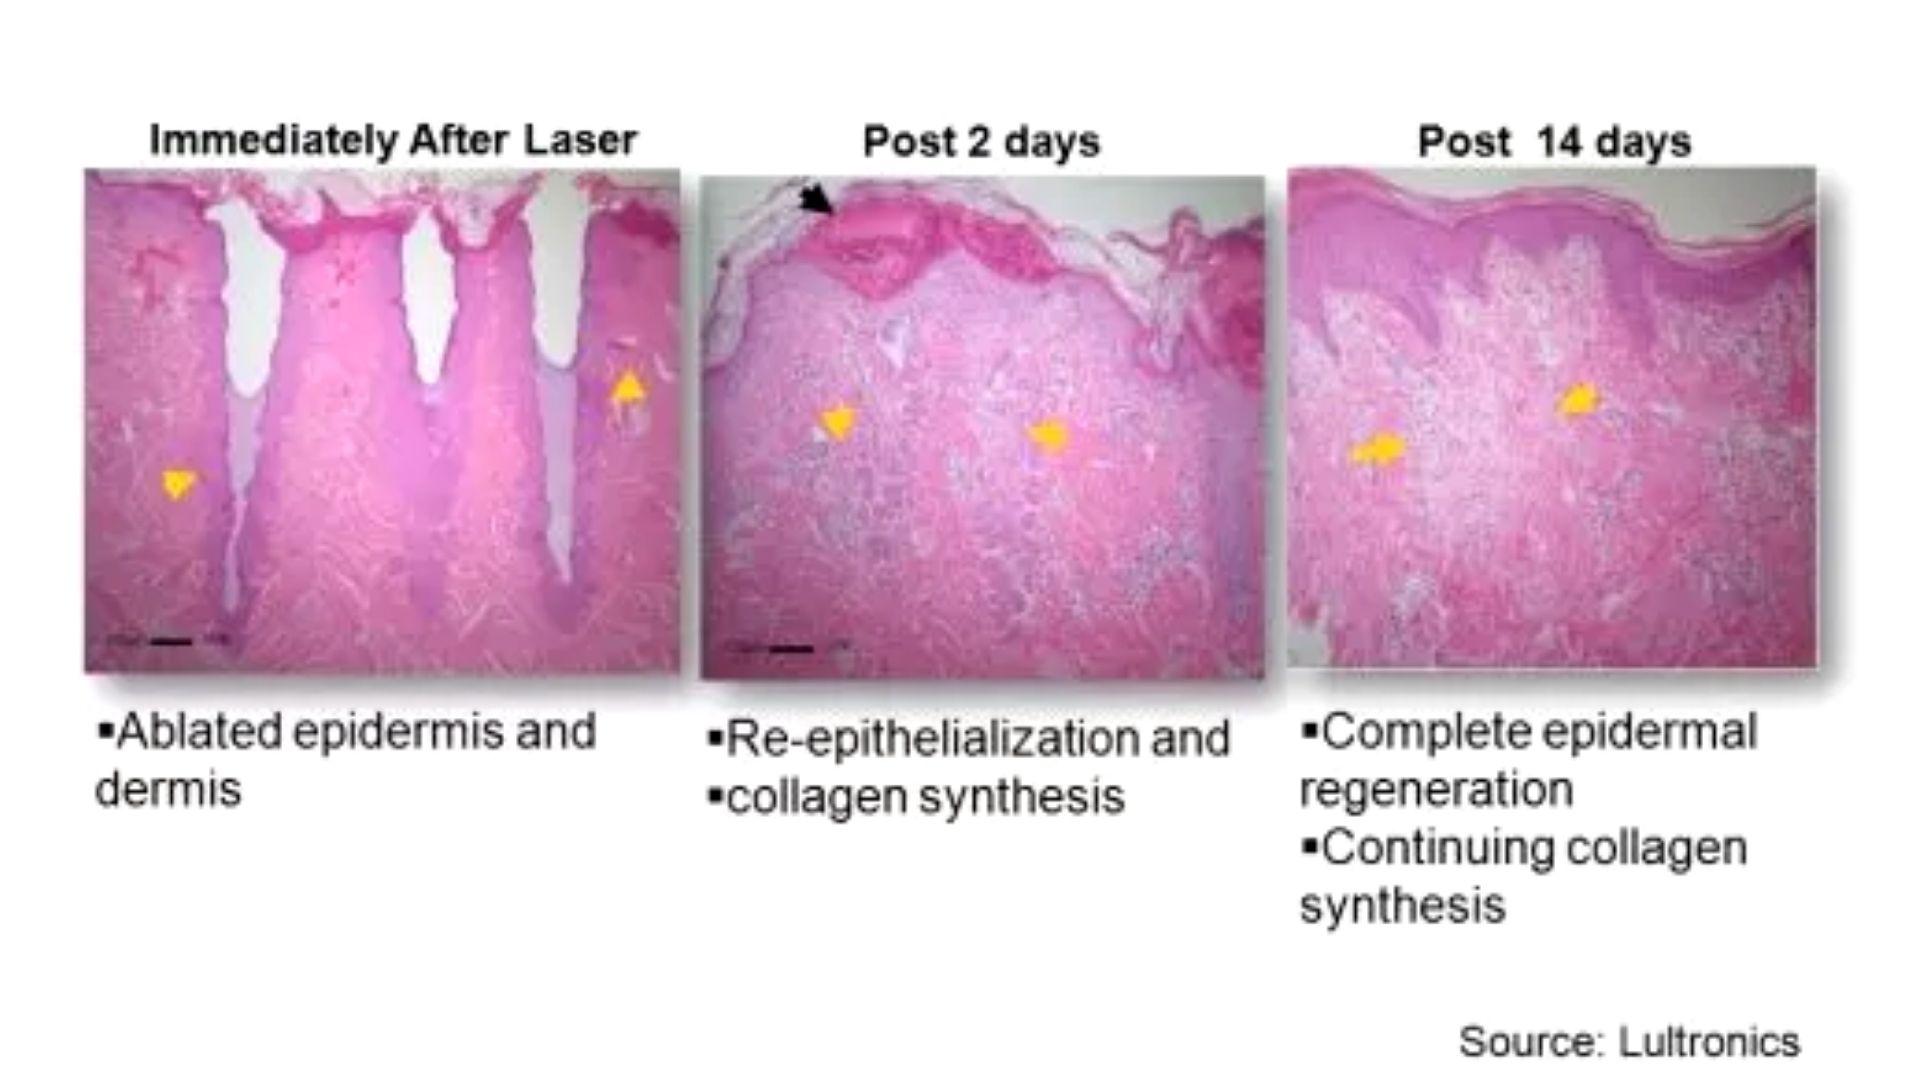 Ứng dụng điều trị Laser CO2 Fractional